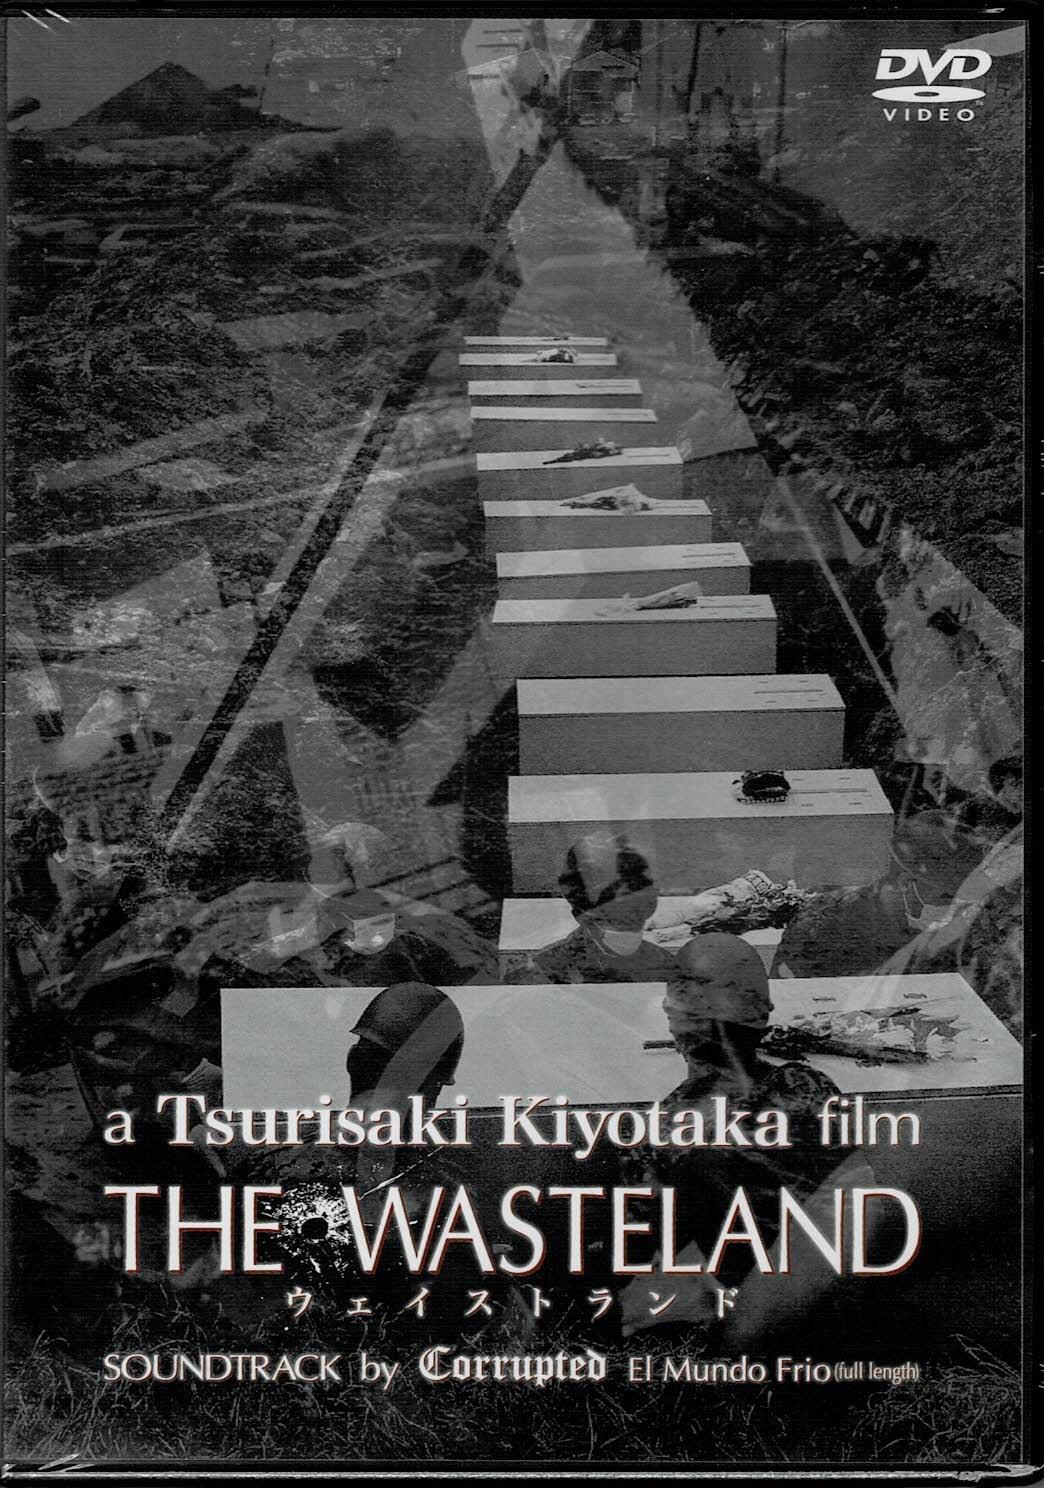 釣崎清隆 - THE WASTELAND DVD画像